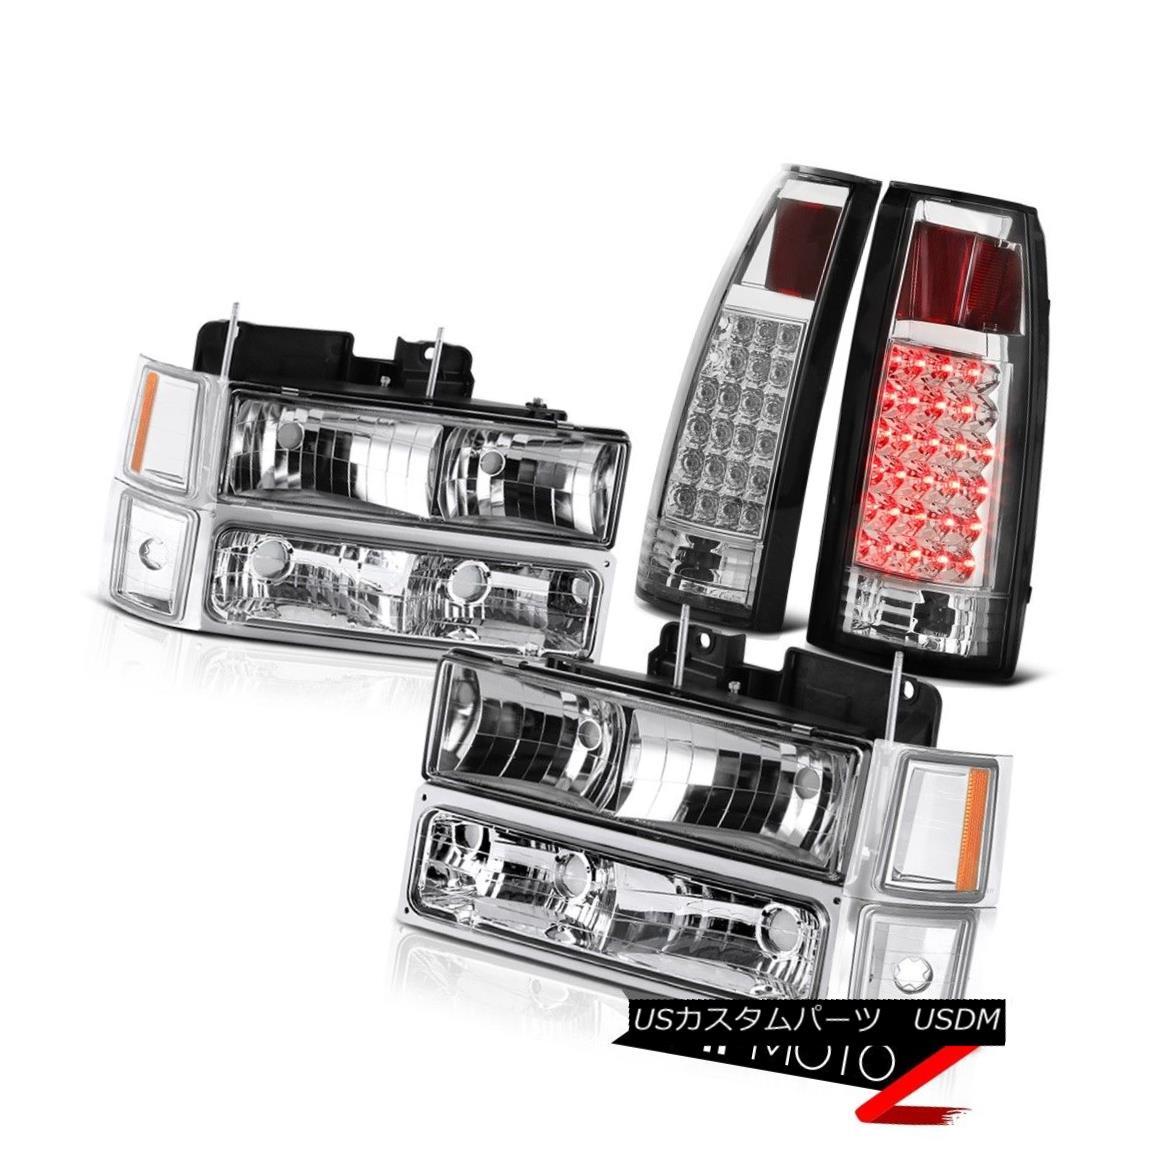 人気が高い  テールライト 94 95 96 97 98 99 Chevy Tahoe Chrome Headlight LED Rear Brake Tail Lamp Assembly 94 95 96 97 98 99 Chevy Tahoe ChromeヘッドライトLEDリアブレーキテールランプアセンブリ, 吉富町 60199957